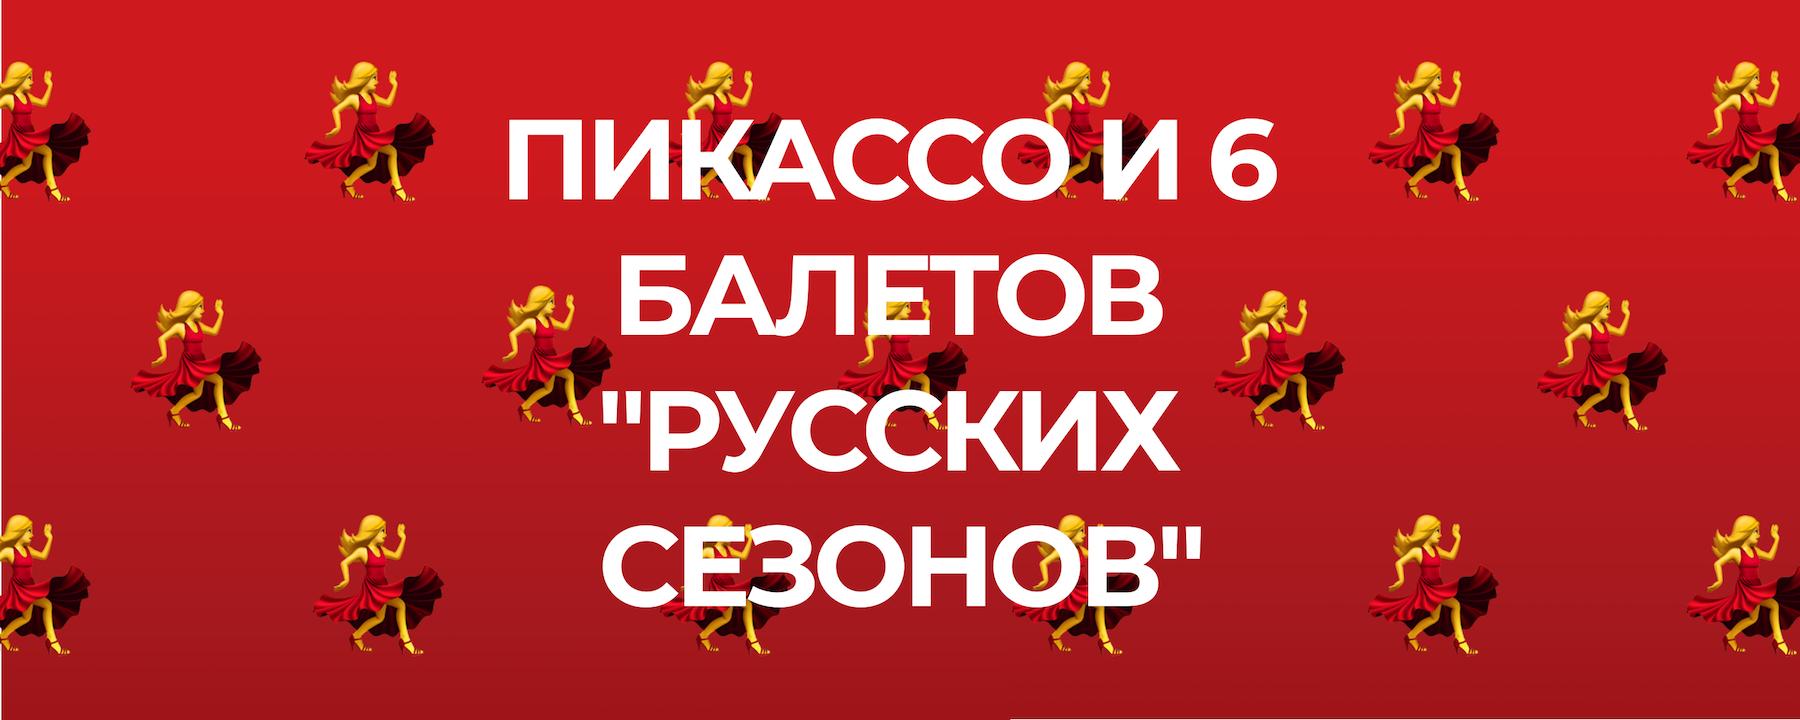 """Пикассо и 6 балетов """"Русских сезонов"""""""